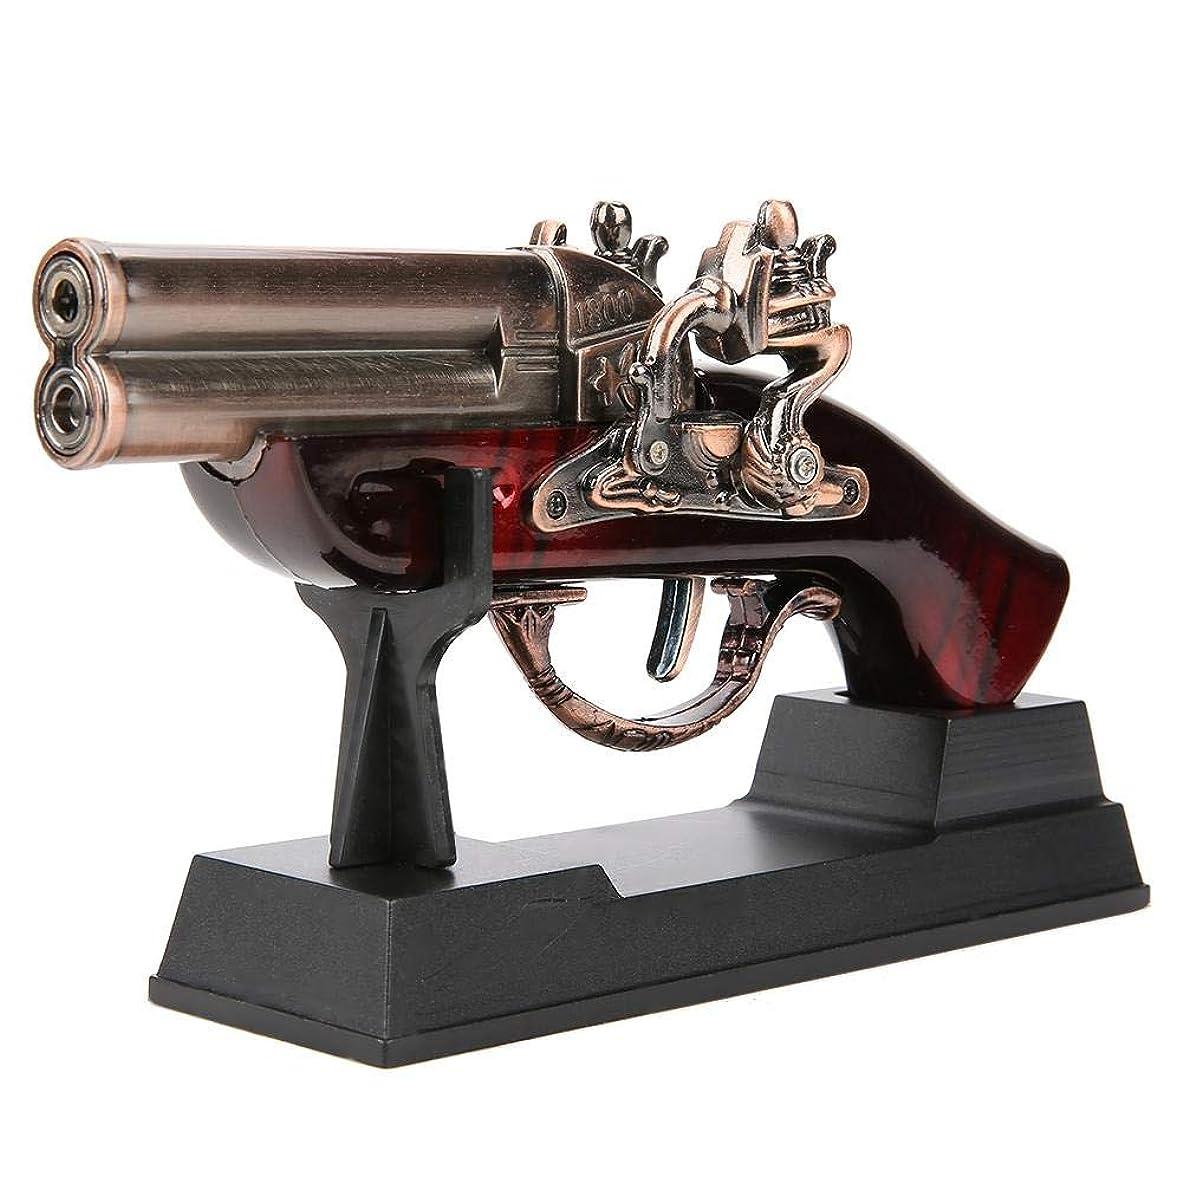 いわゆる看板月面Qiilu 銃の形 ガスライター ターボライター ガスなし 防風 充填式 DH1800